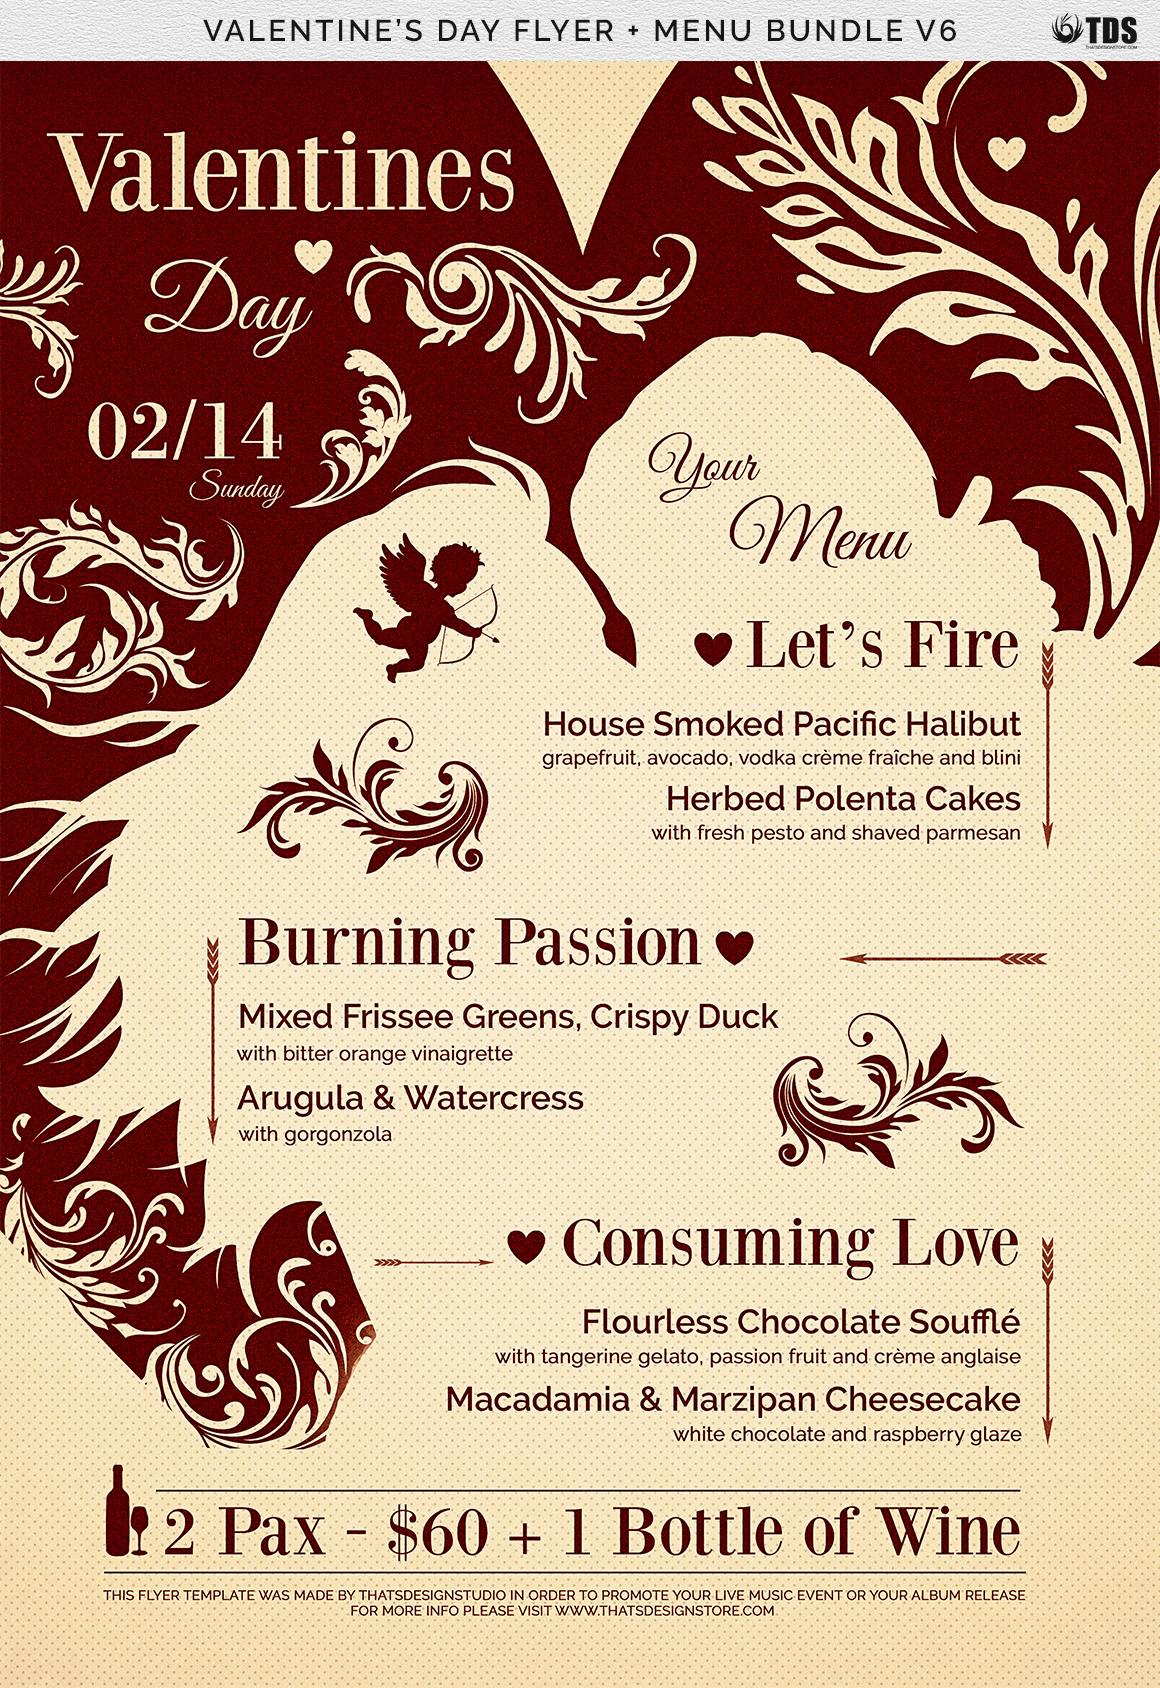 Valentines Day Flyer + Menu Bundle V6 example image 7